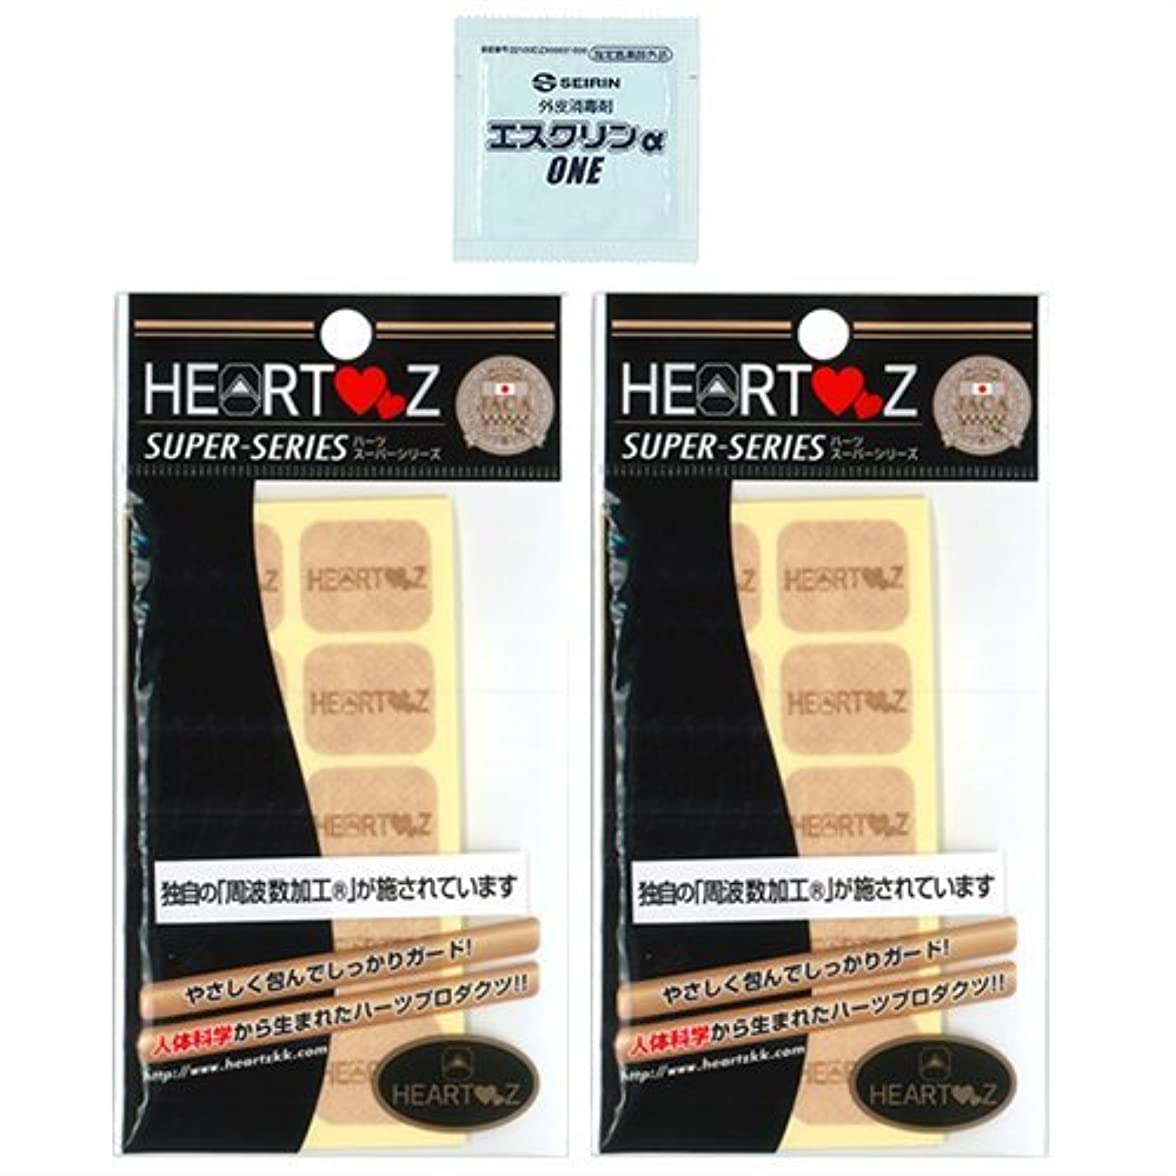 間違いなく修理可能減衰【HEARTZ(ハーツ)】ハーツスーパーシール レギュラータイプ 80枚入×2個セット (計160枚) + エスクリンαONEx1個 セット